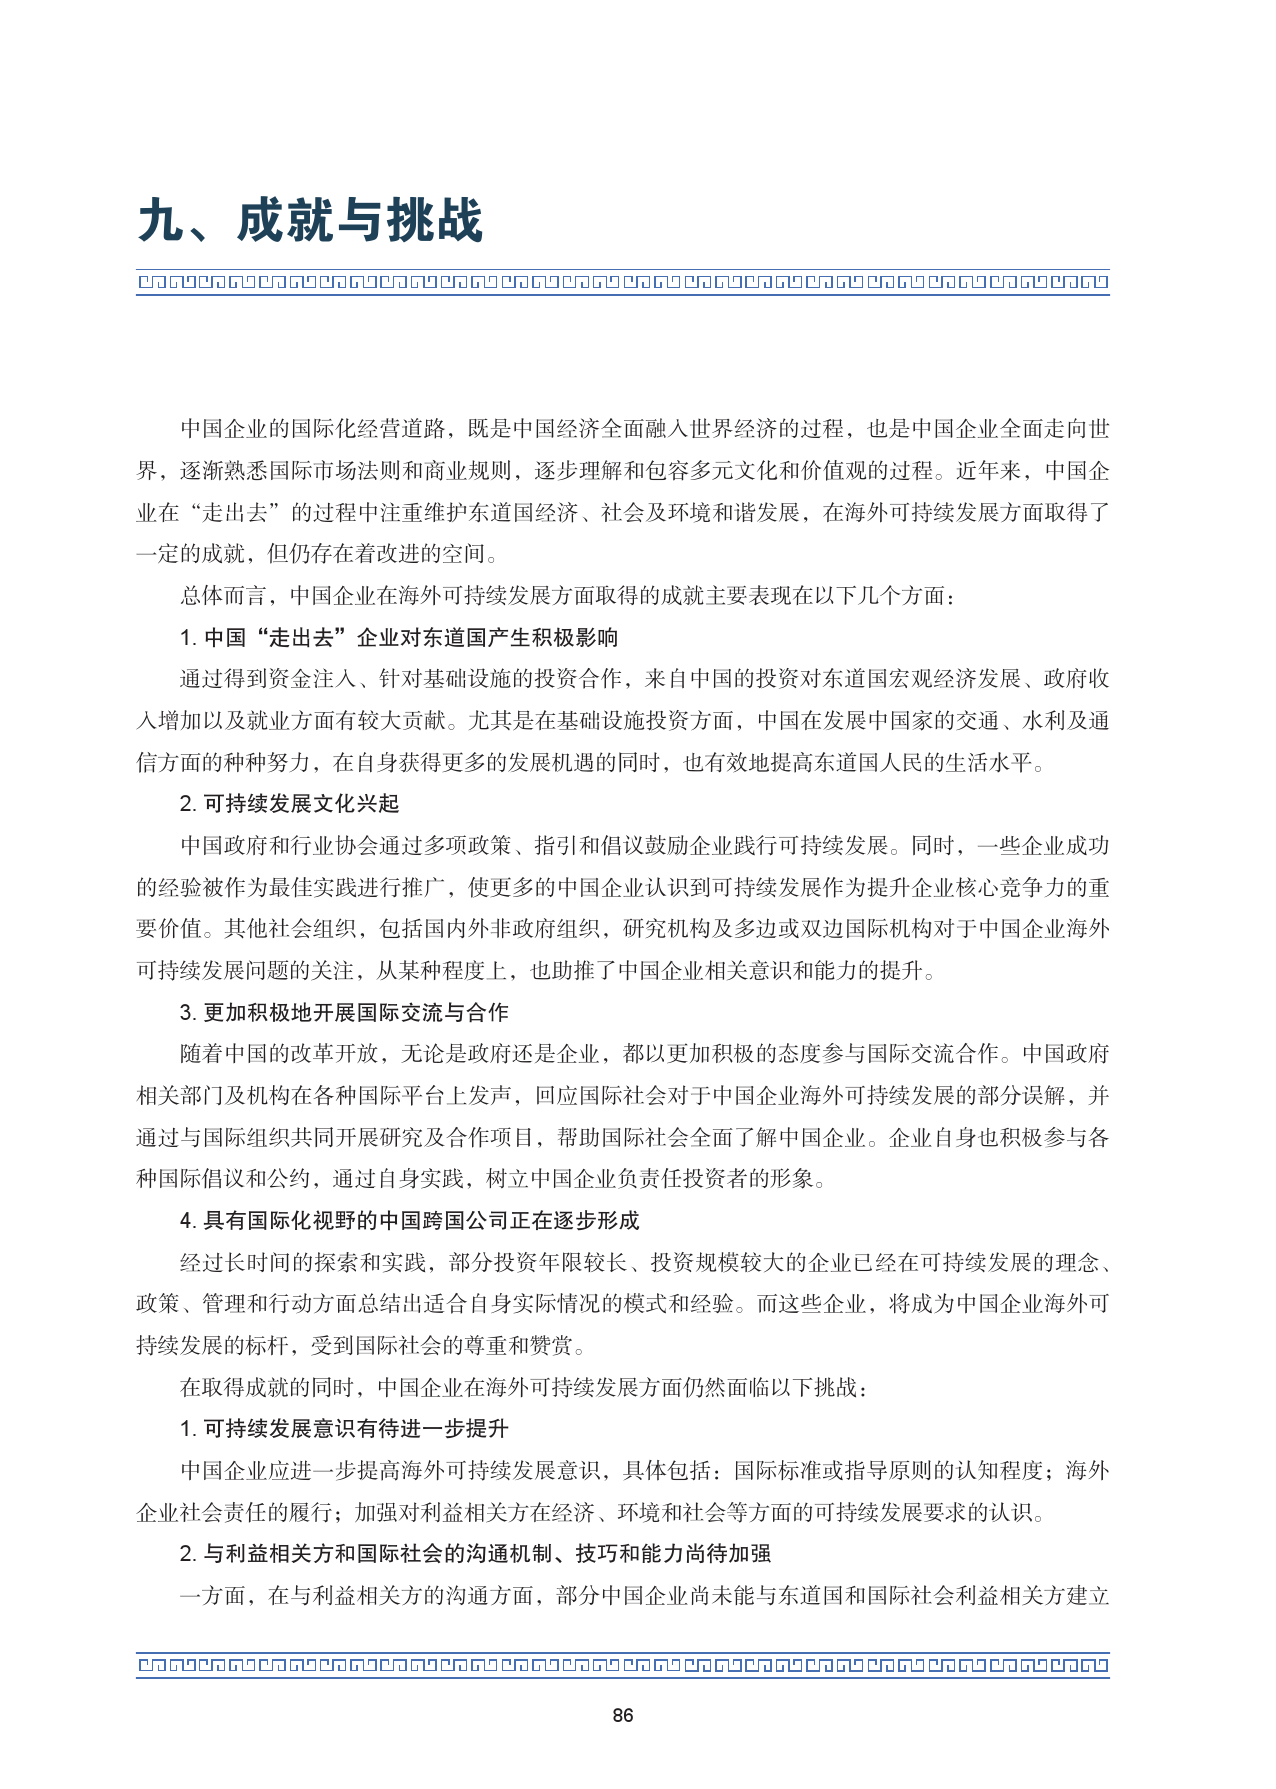 2015中国企业海外可持续发展报告_000100